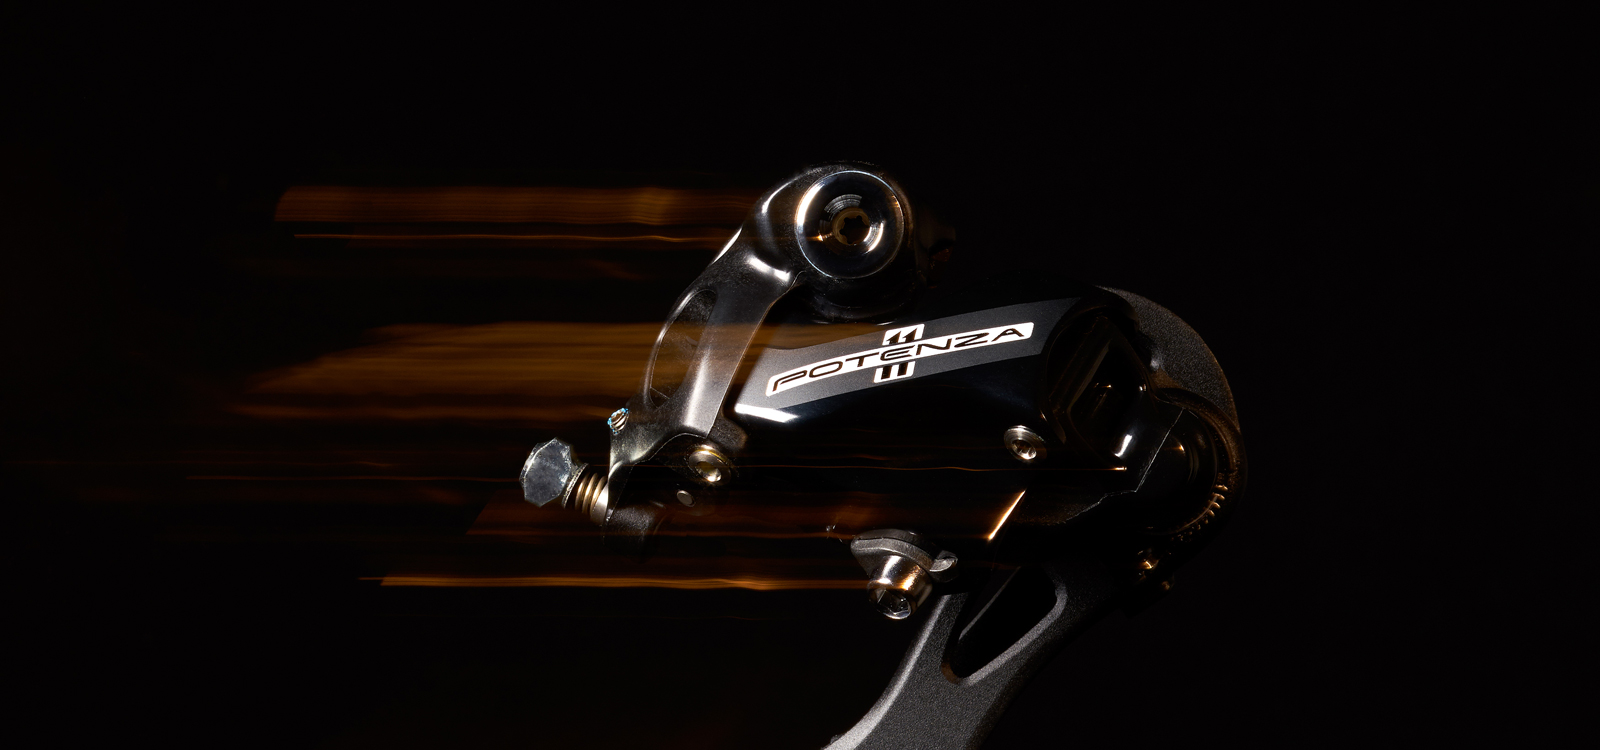 【ロードバイク / コンポーネント】シマノ、カンパニョーロ、特別価格で組み付けます!